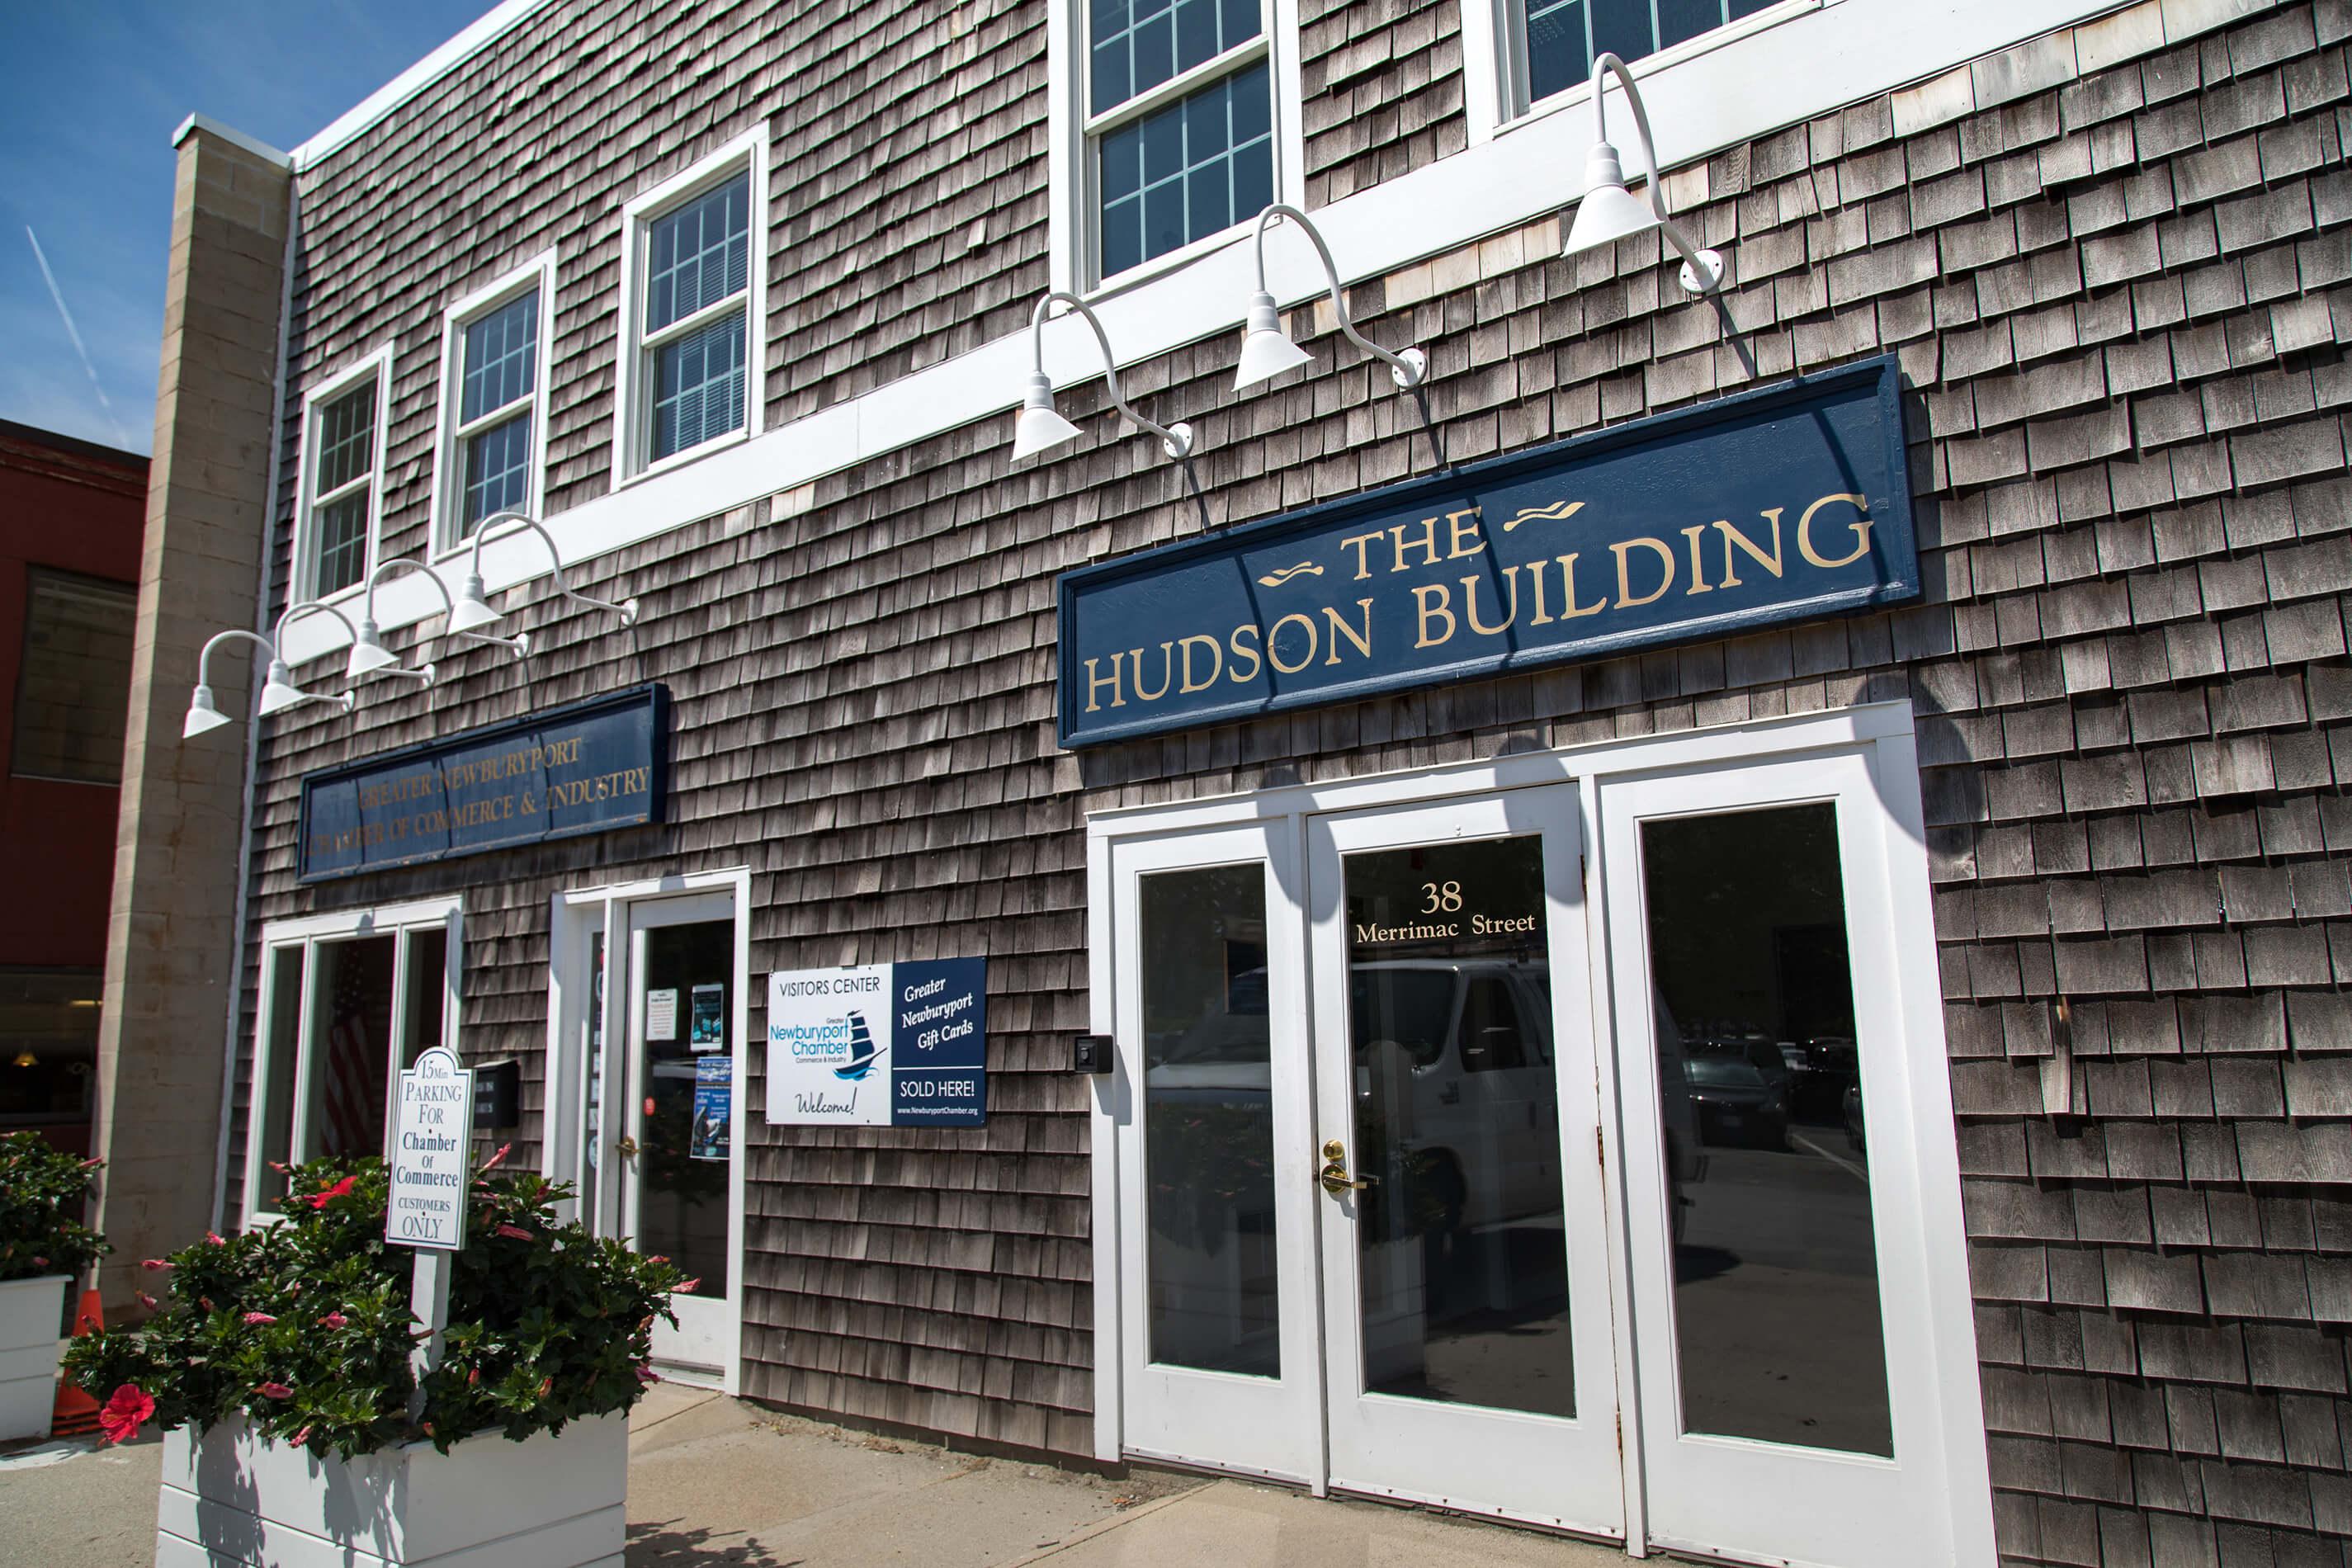 Hudson building